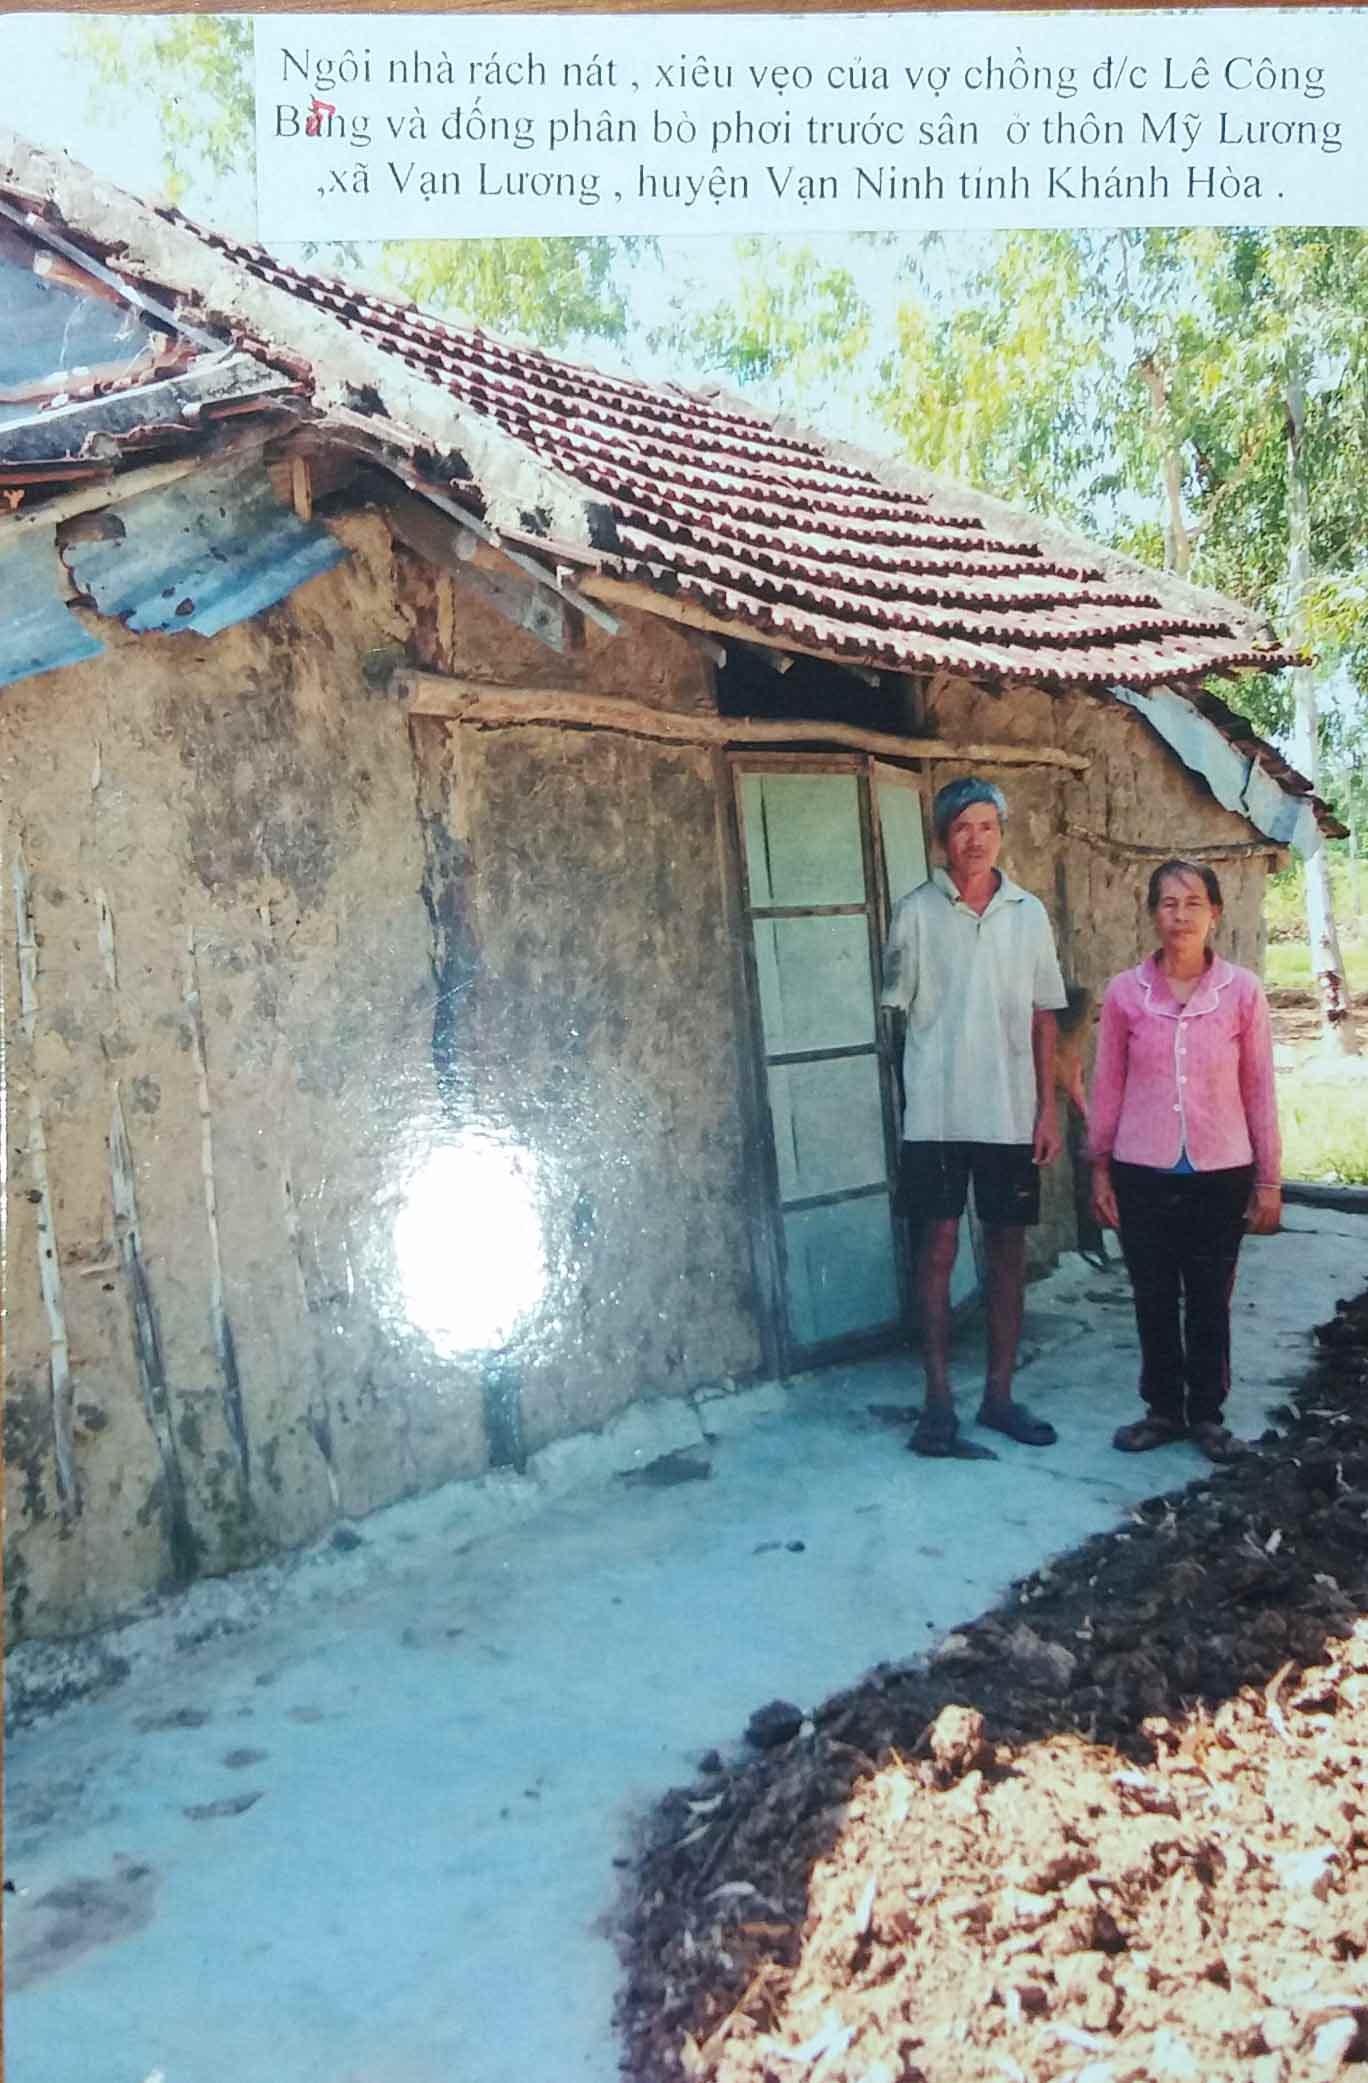 Hãy giúp đỡ hội viên Lê Công Bòng, Khánh Hòa